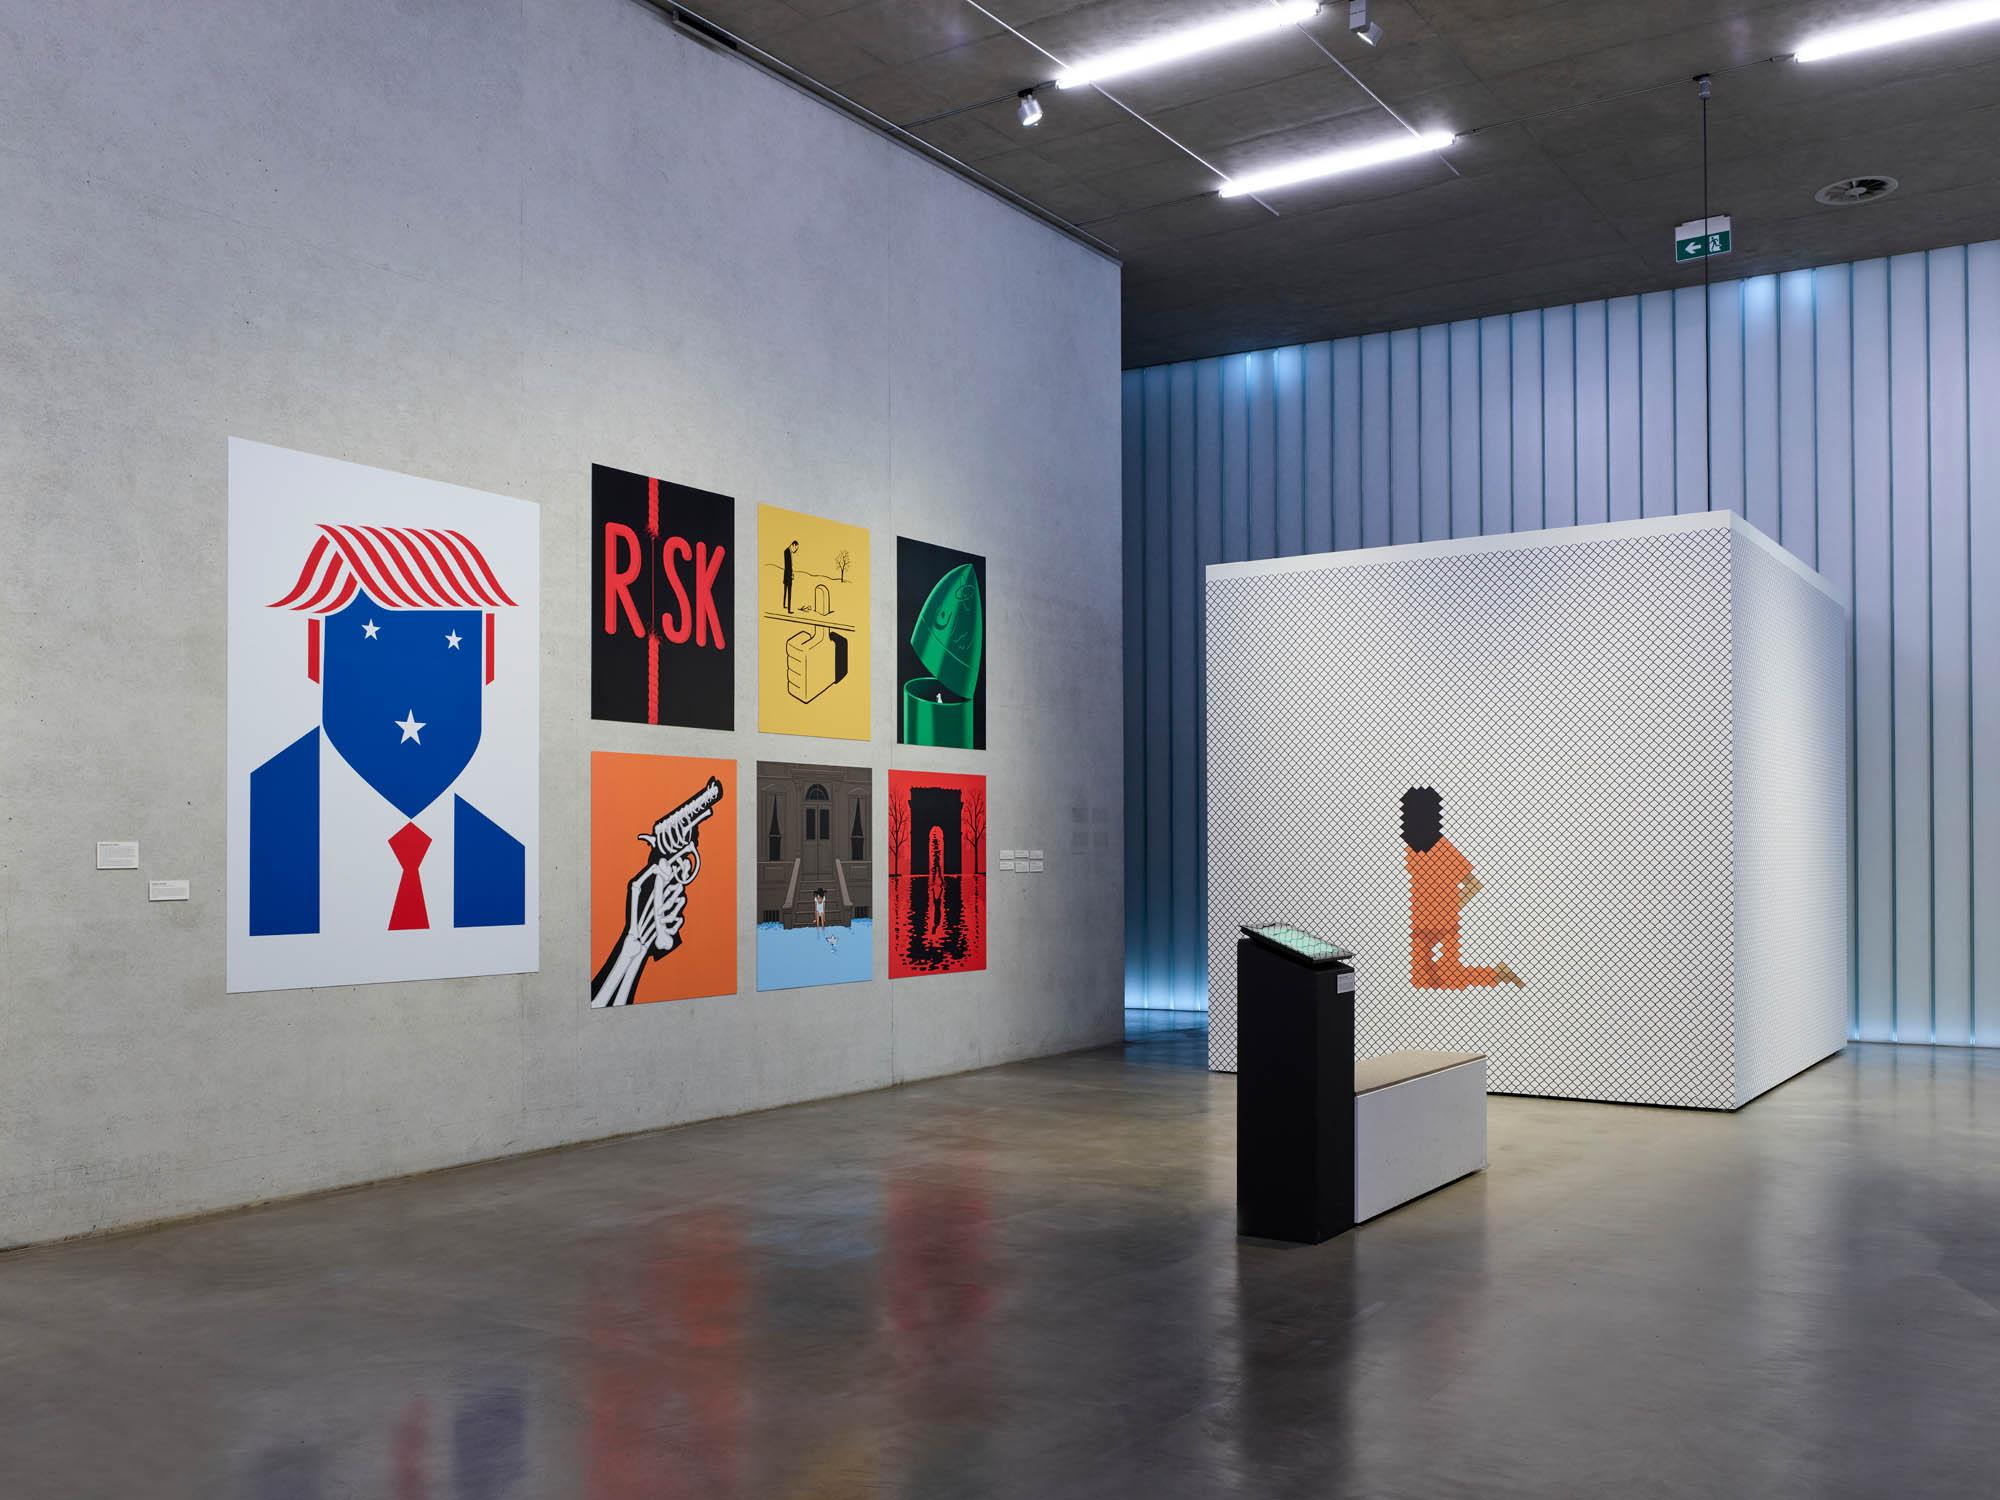 OPP170714  16669 - Galerie Stihl Waiblingen: Modern Times